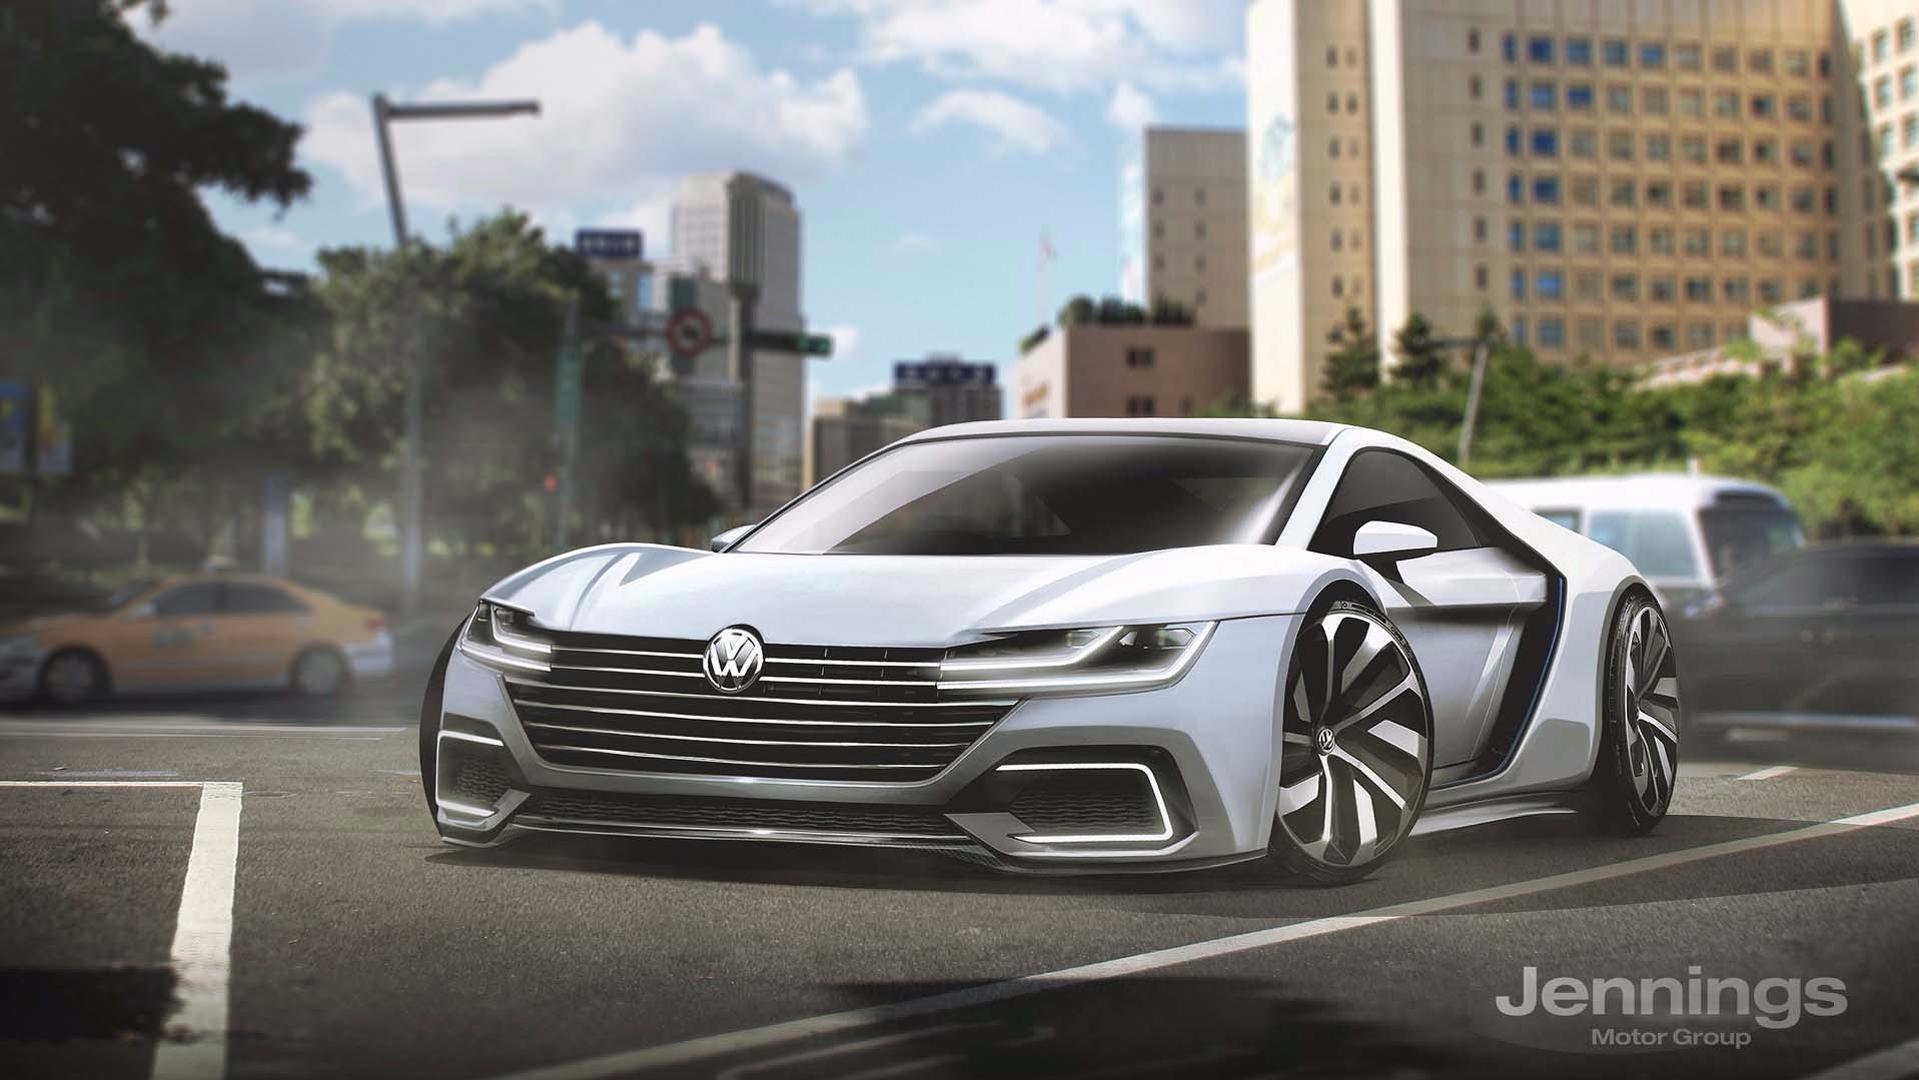 volkswagen-supercar